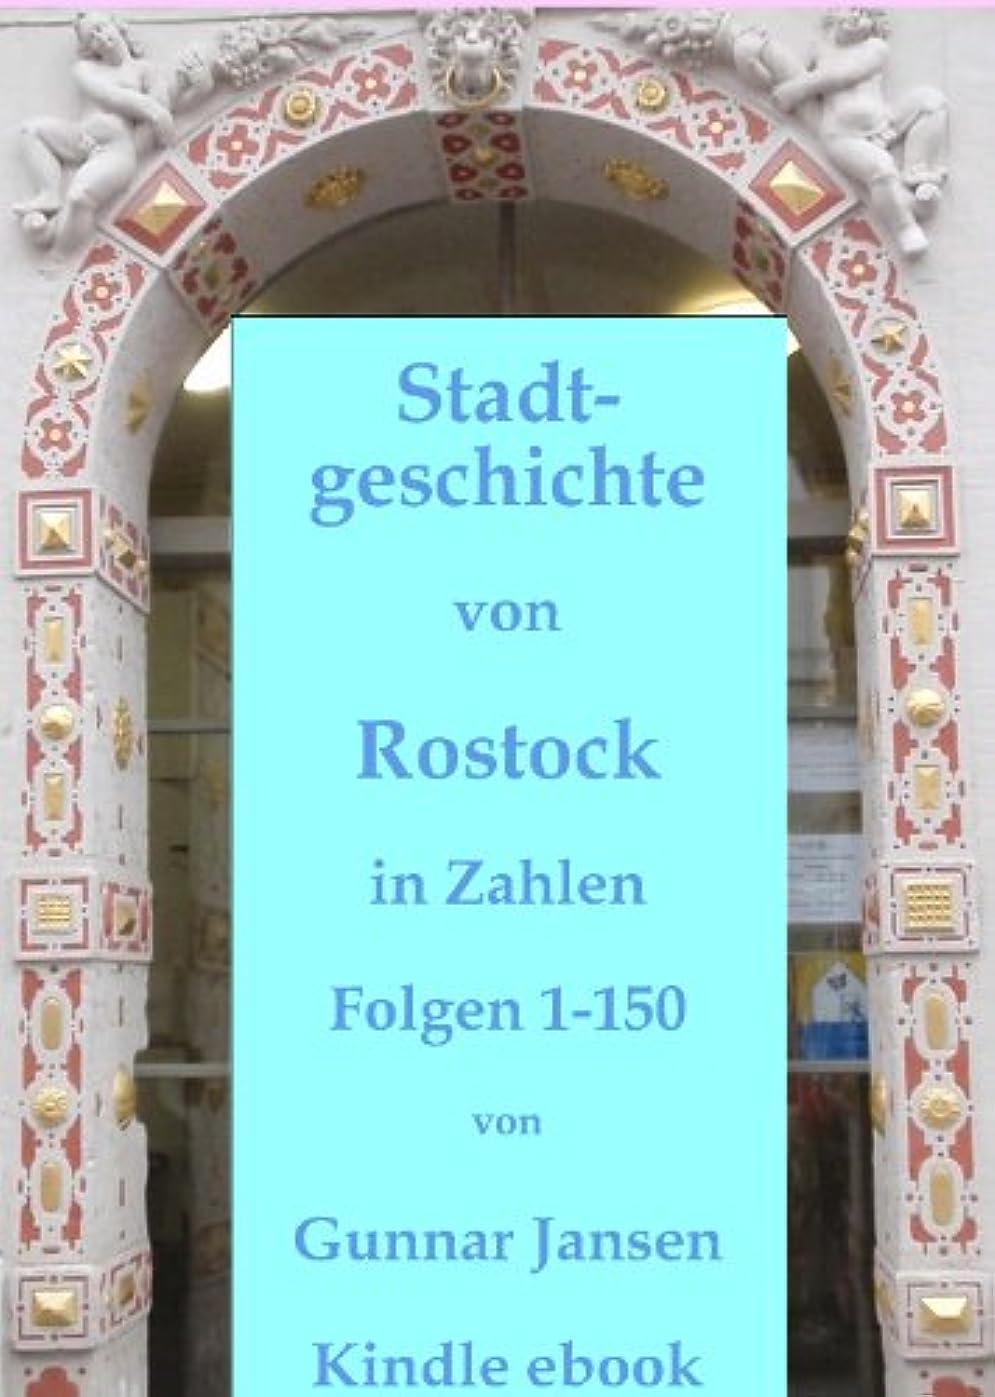 いわゆる満足させる火薬Stadtgeschichte von Rostock in Zahlen. Folge 1-150 (German Edition)